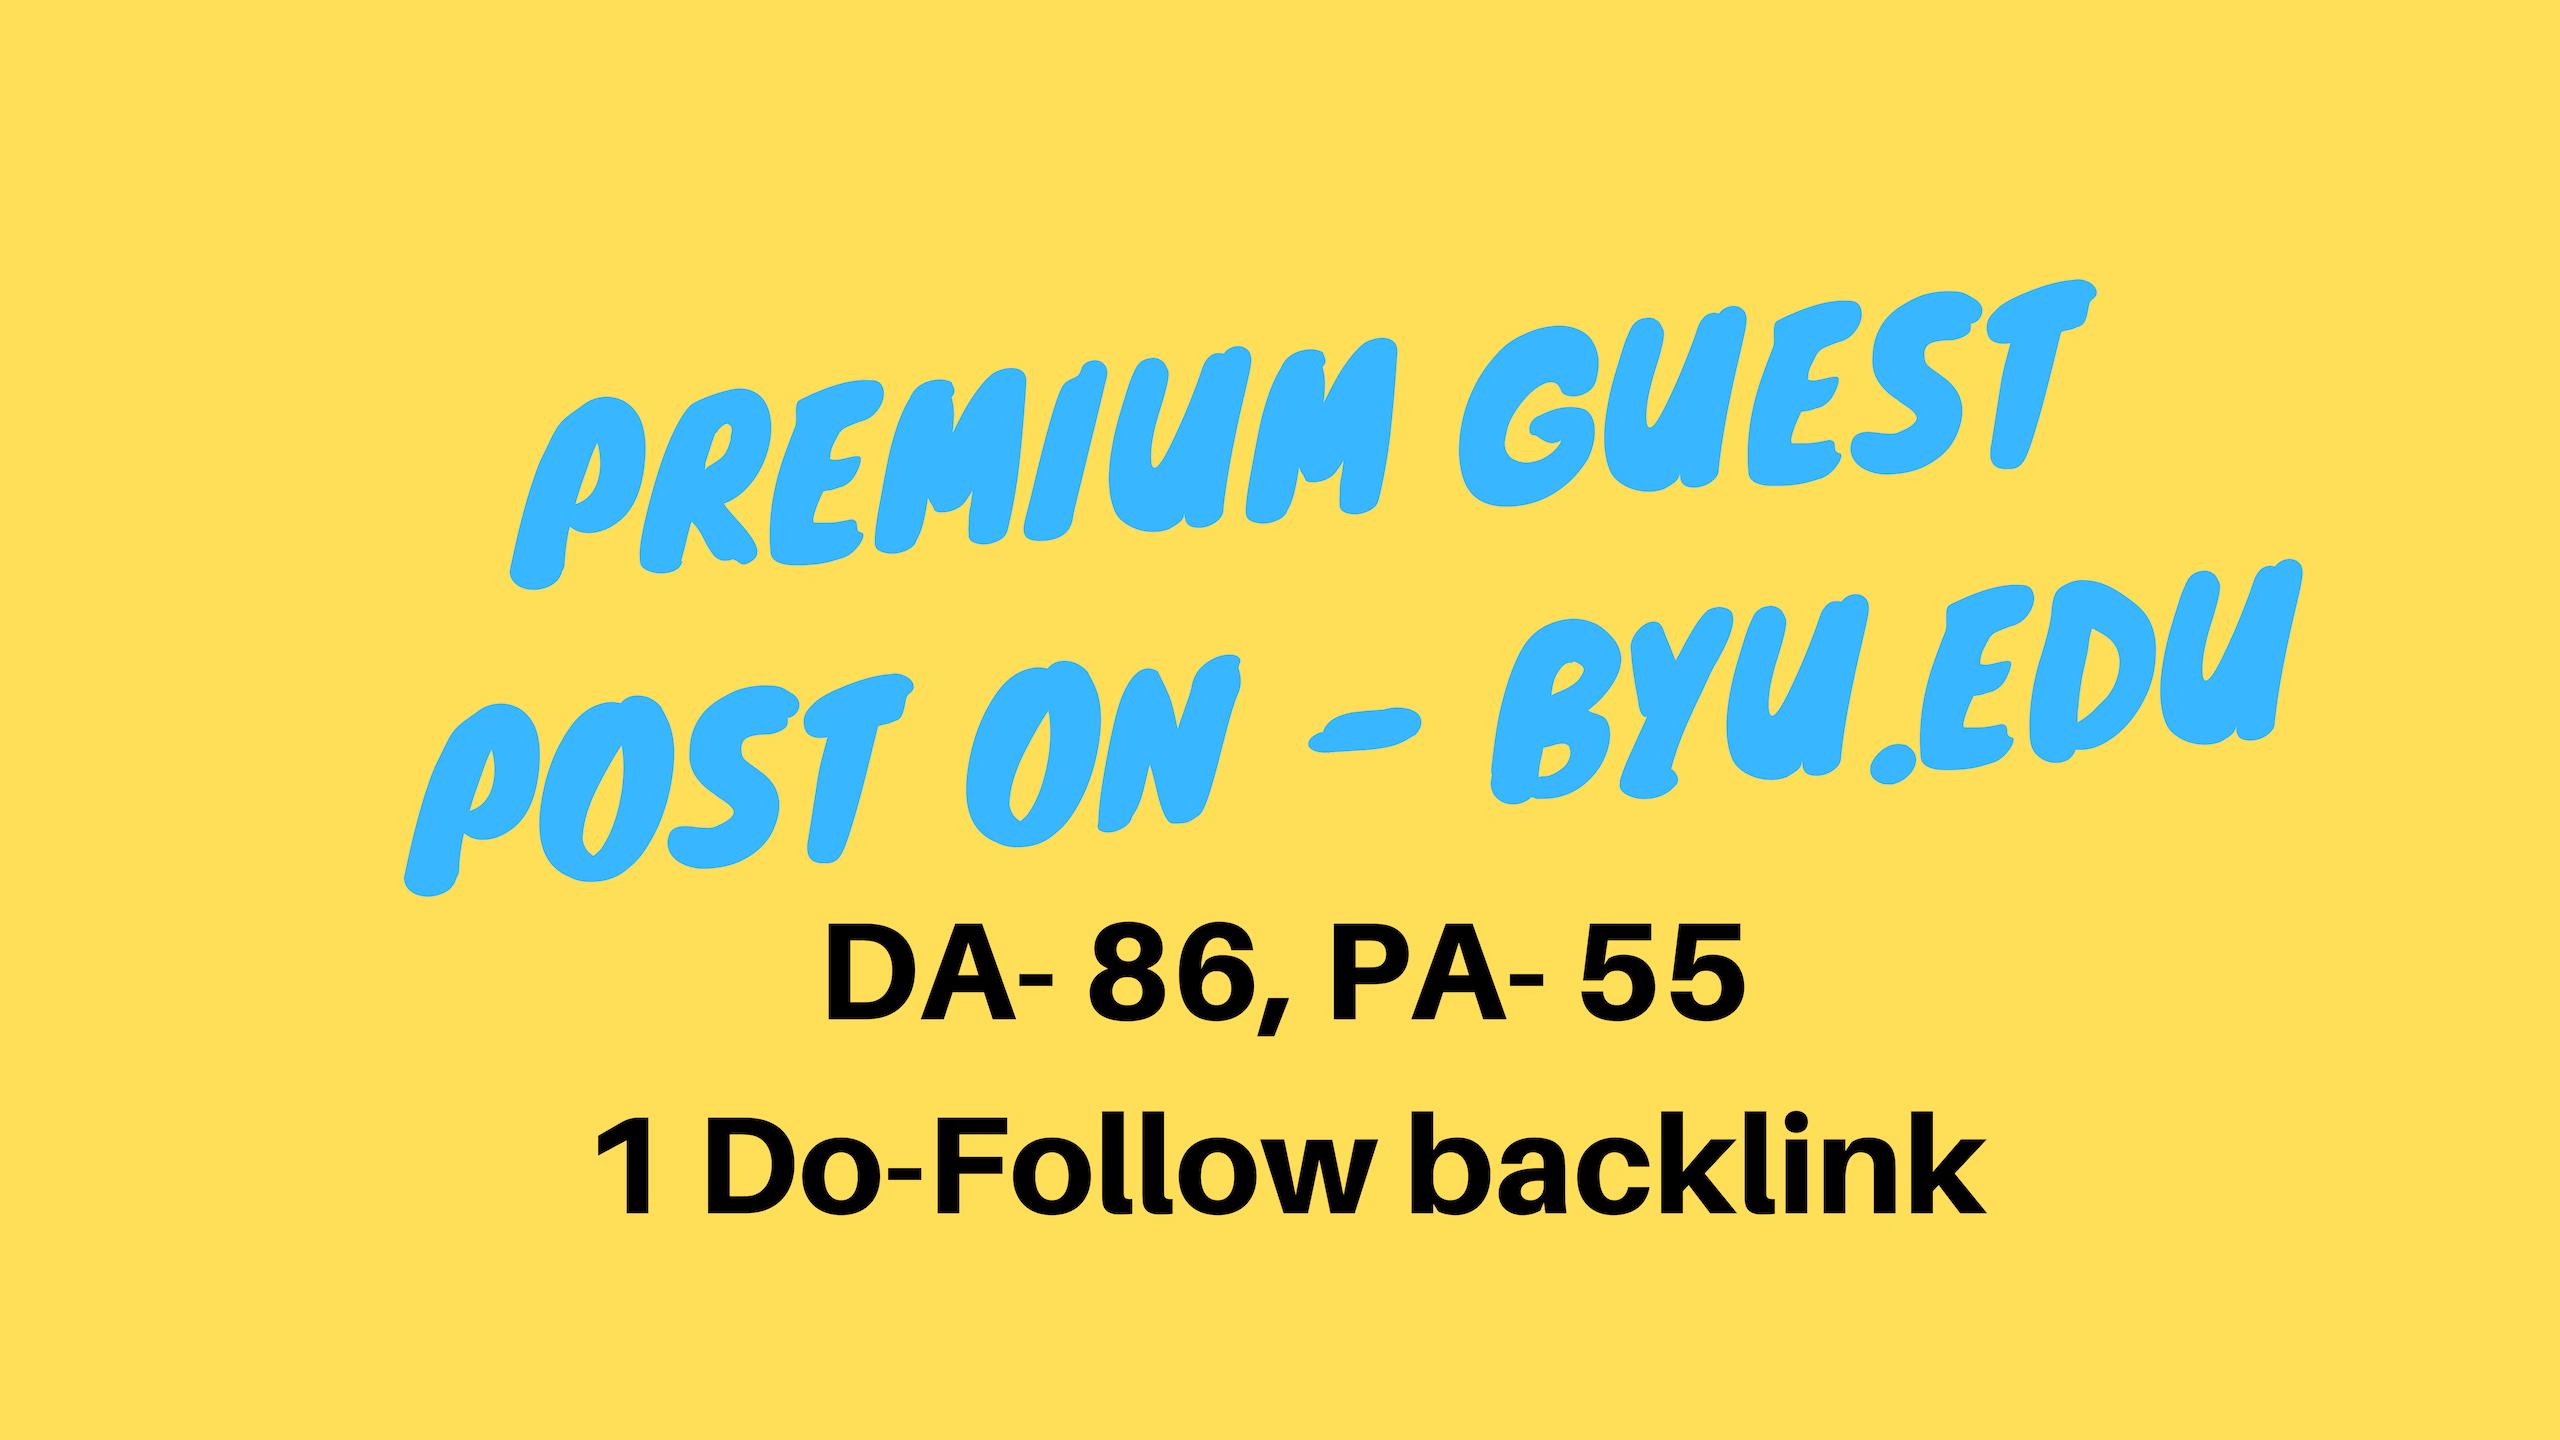 Publish a Guest Post on Brigham Young University. Byu.edu - DA86